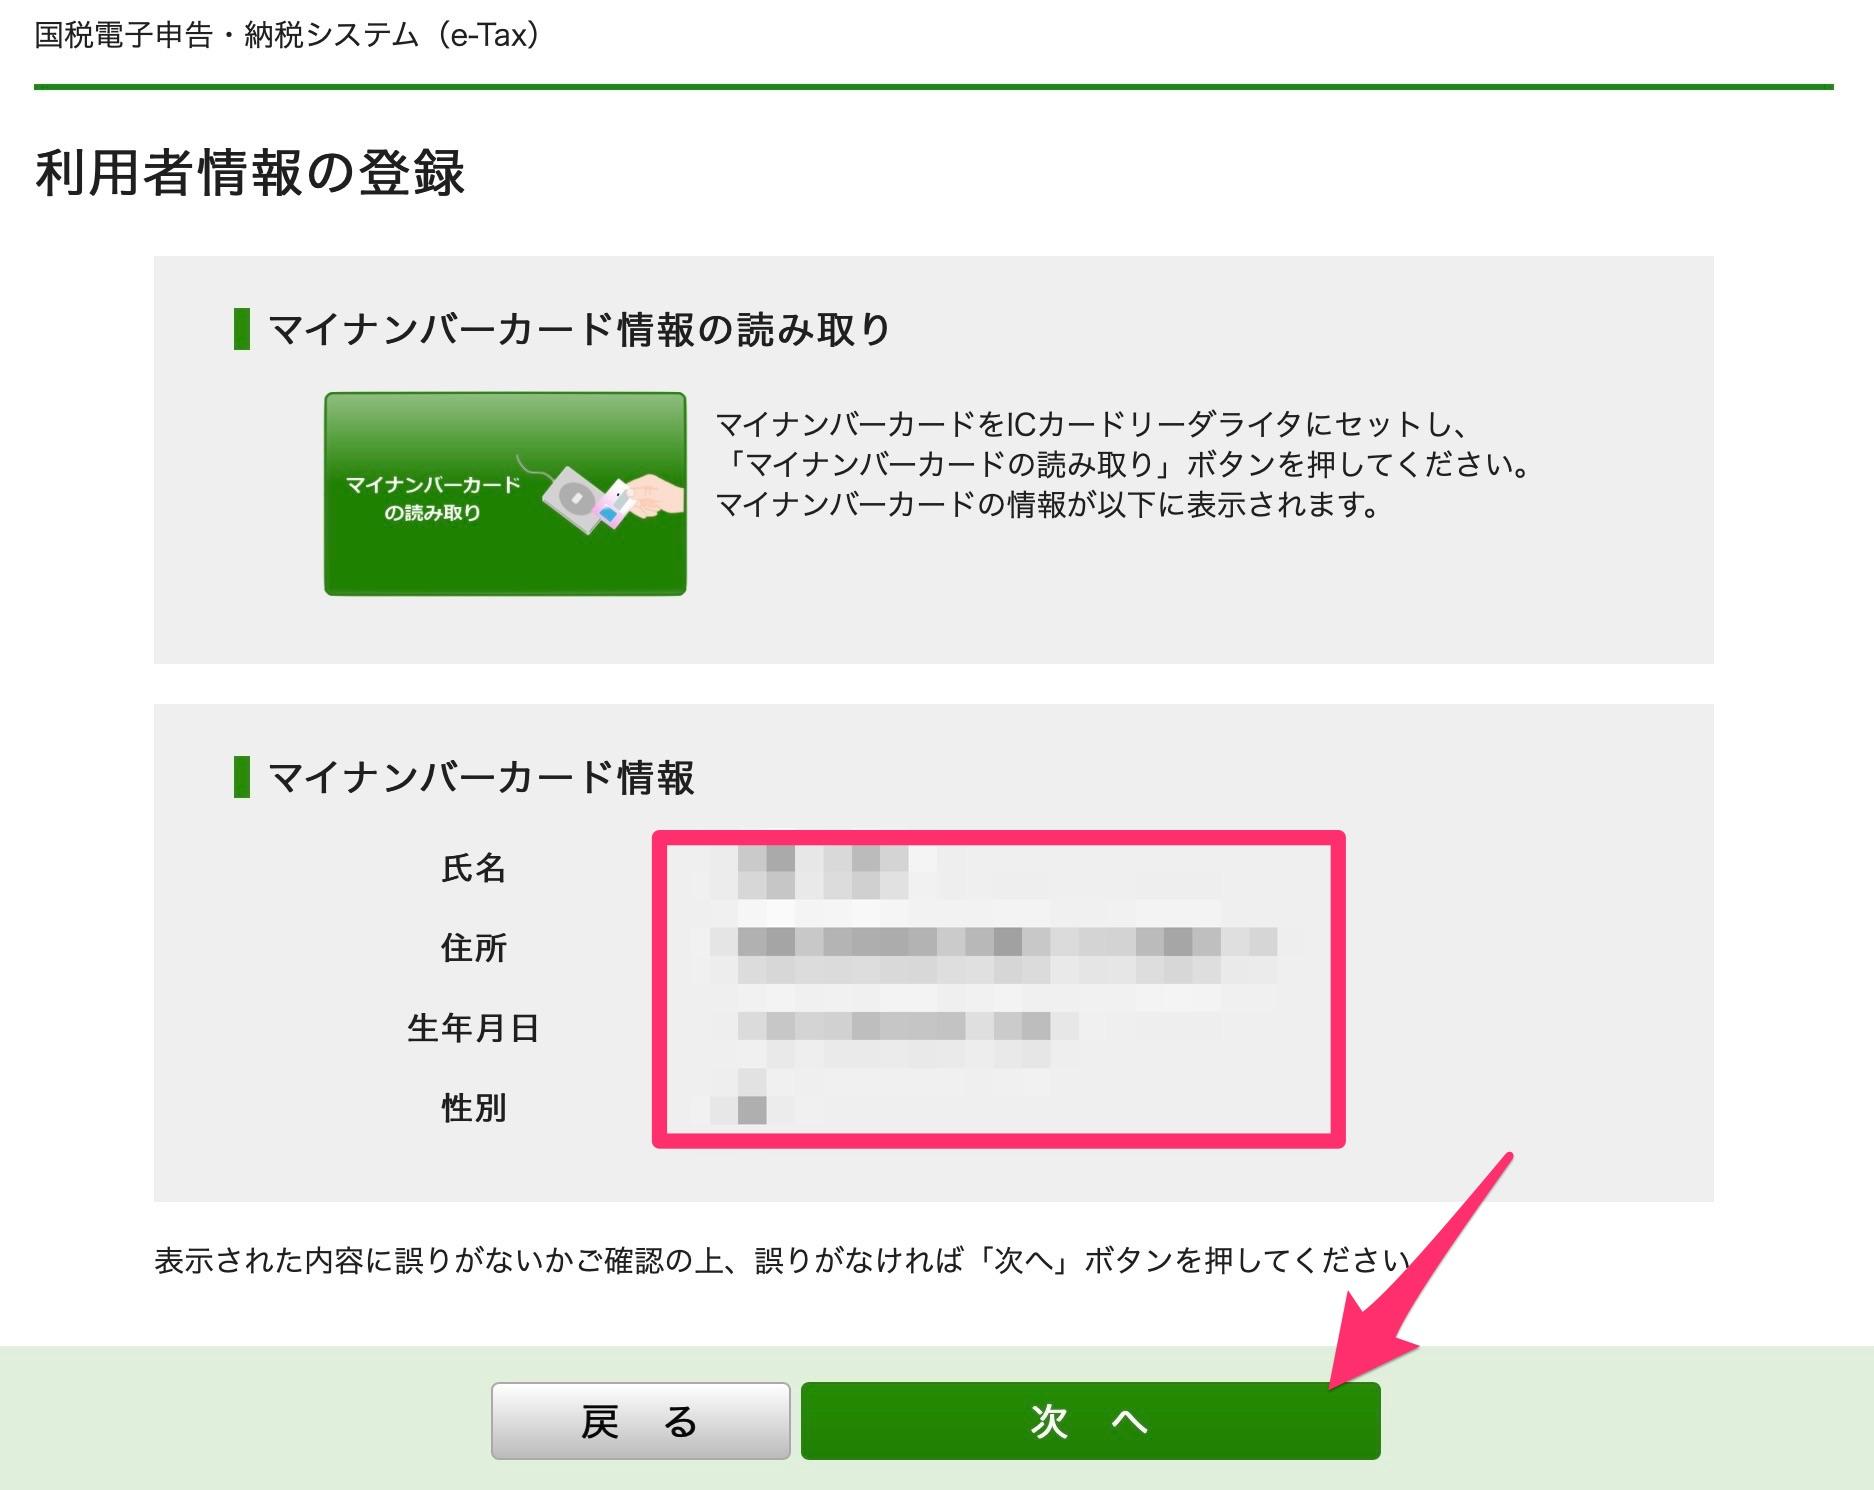 e-Tax 確定申告 マイナンバーカード カードリーダー